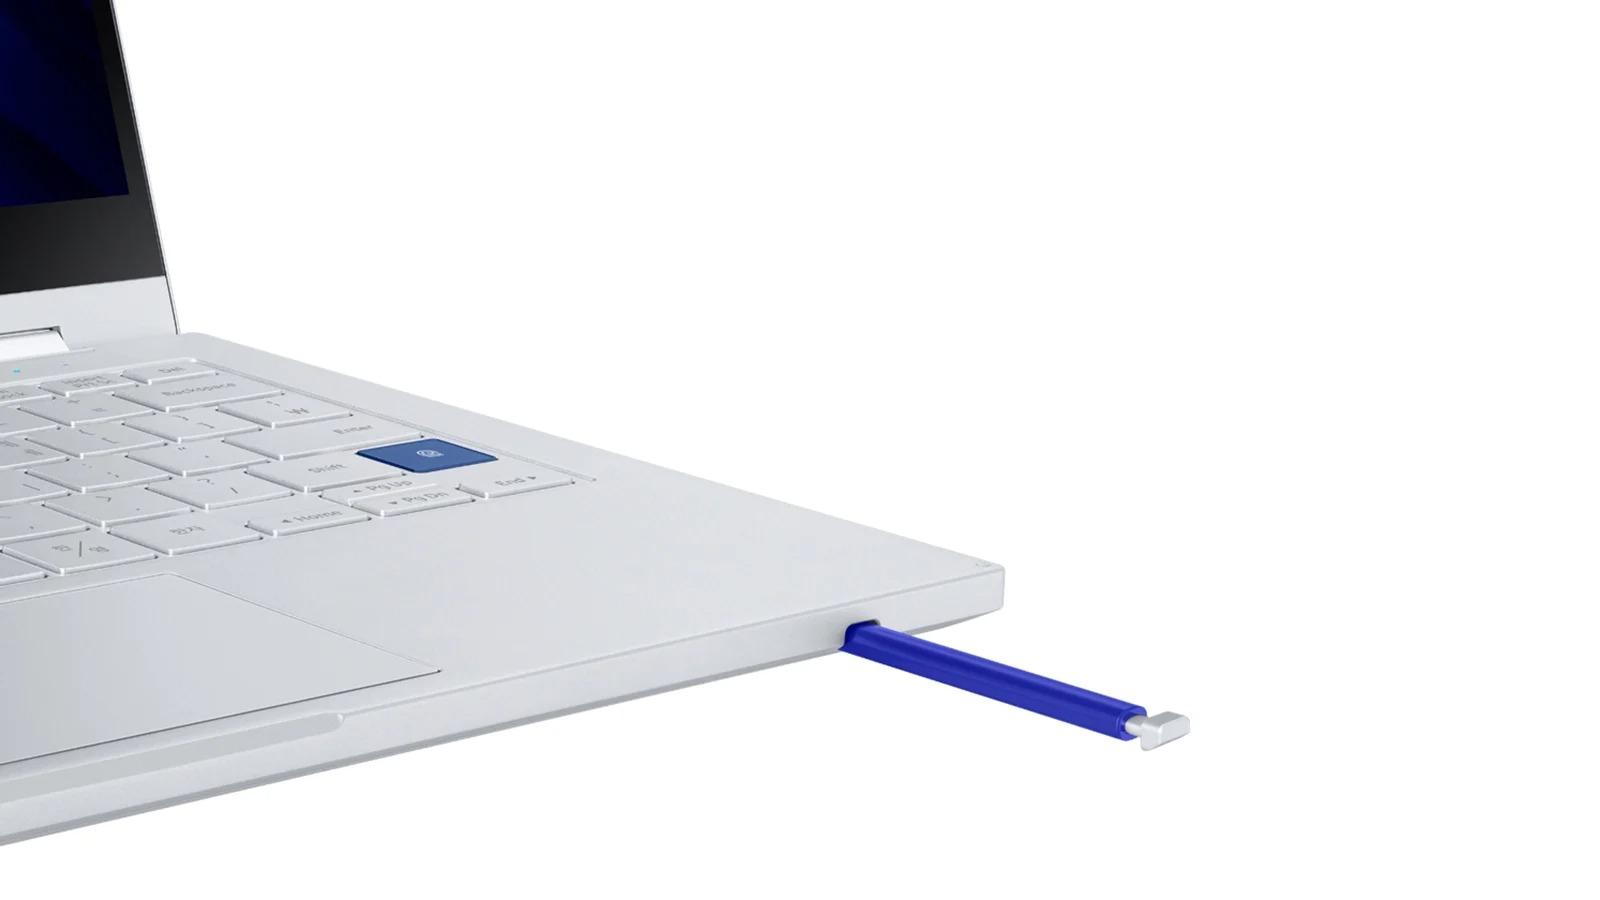 لپ تاپ گلکسی بوک فلکس 5G سامسونگ معرفی شد